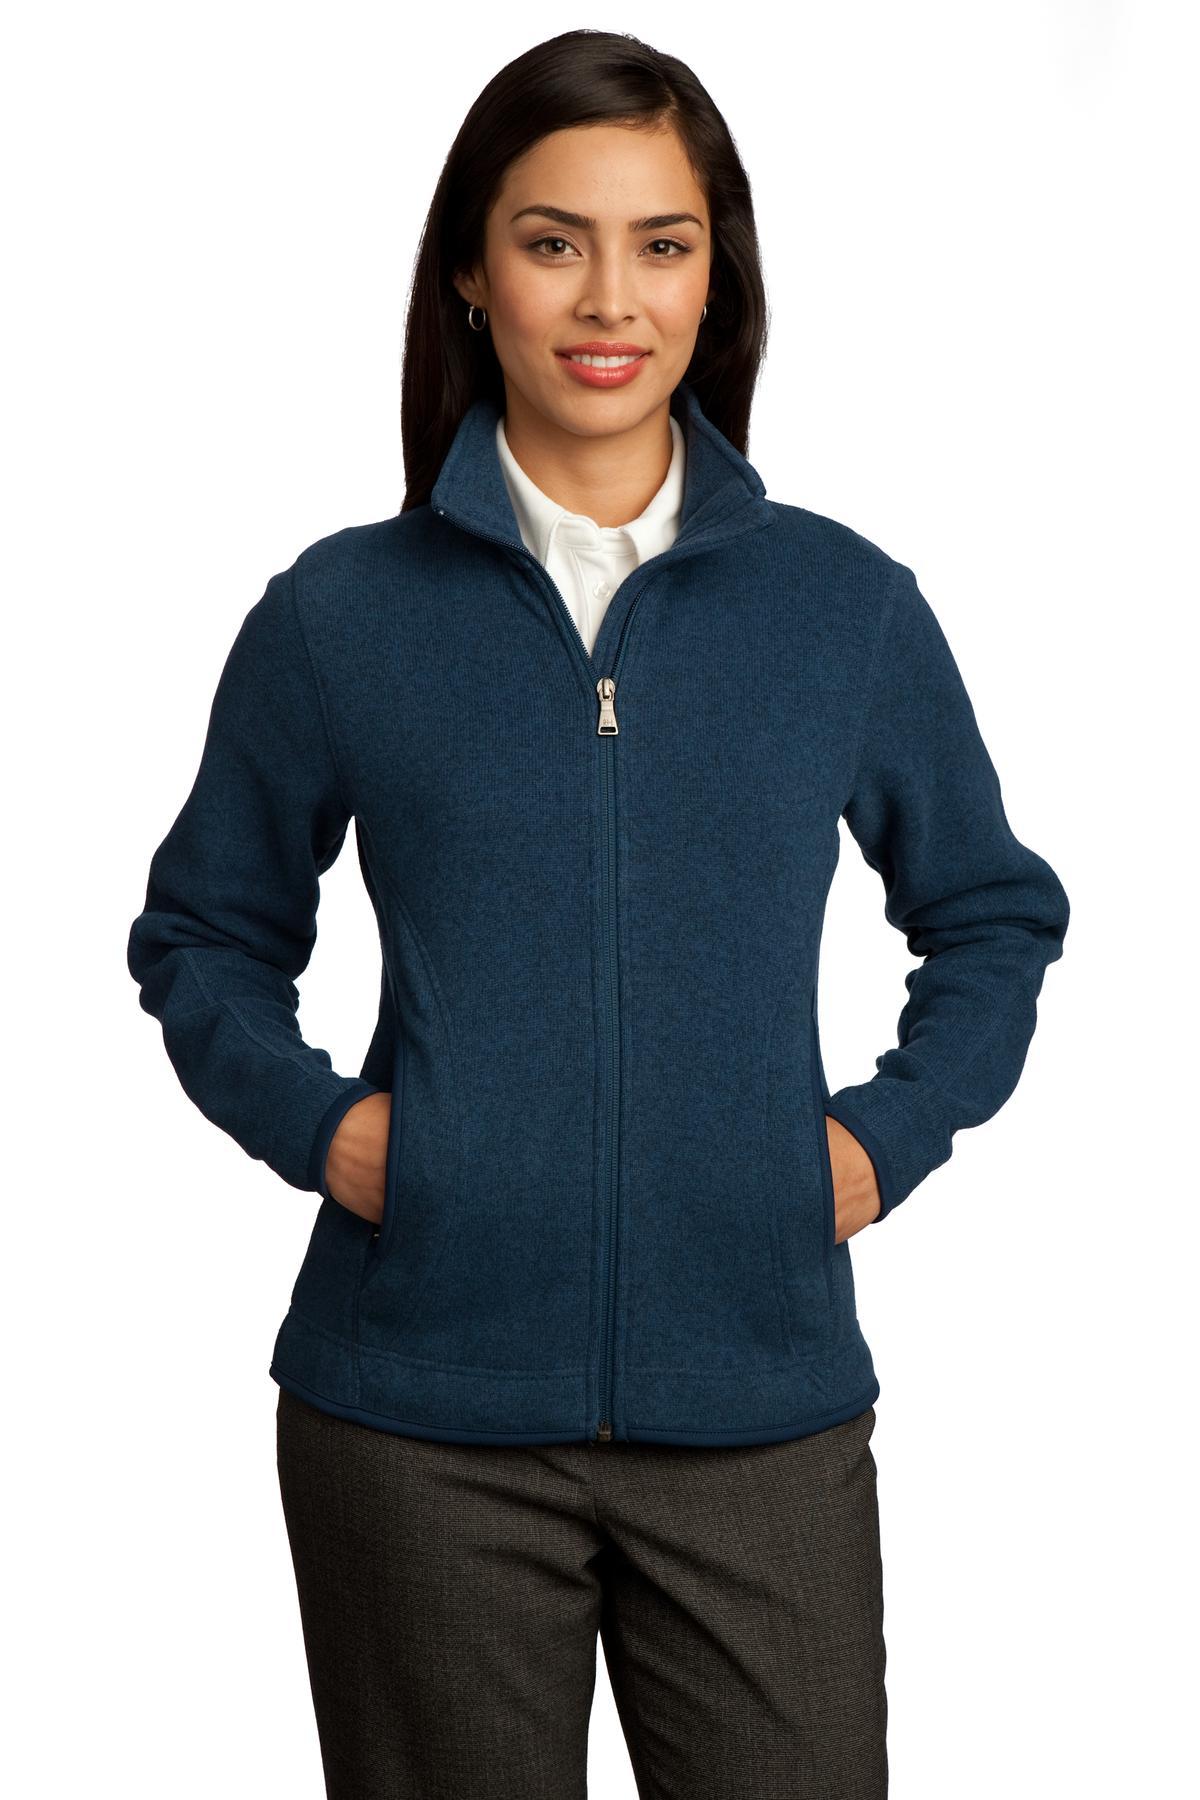 Outerwear-Polyester-Fleece-54